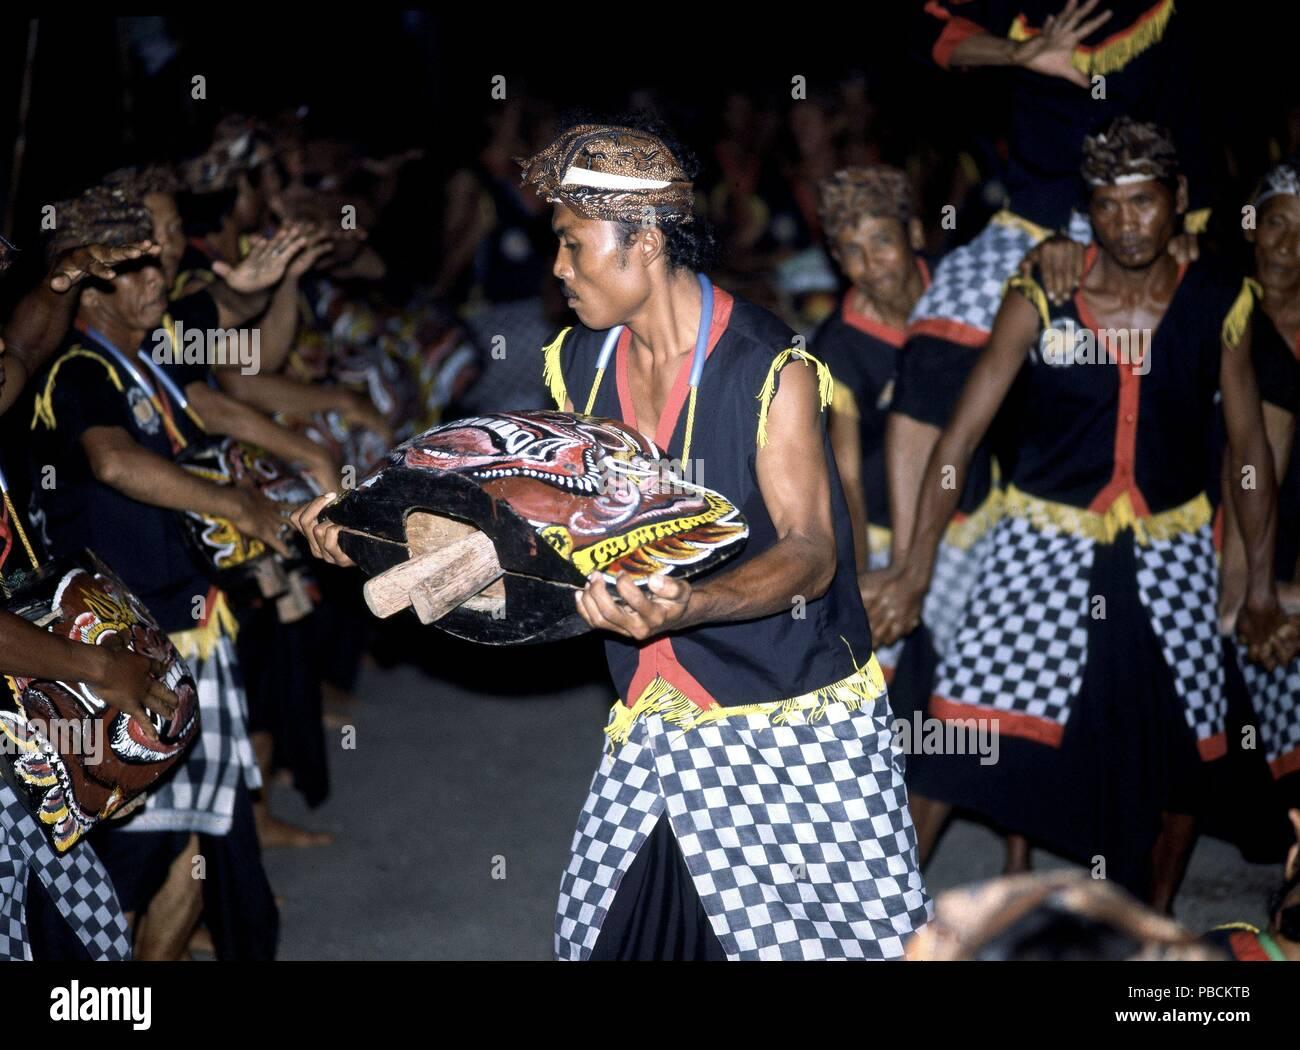 ESPECTACULO-DANZAS BARONG-HOMBRES CON TRAJES TIPICOS Y CARETAS. Location: KERAMBITAN-PAL PRINC, INDONESIA. - Stock Image